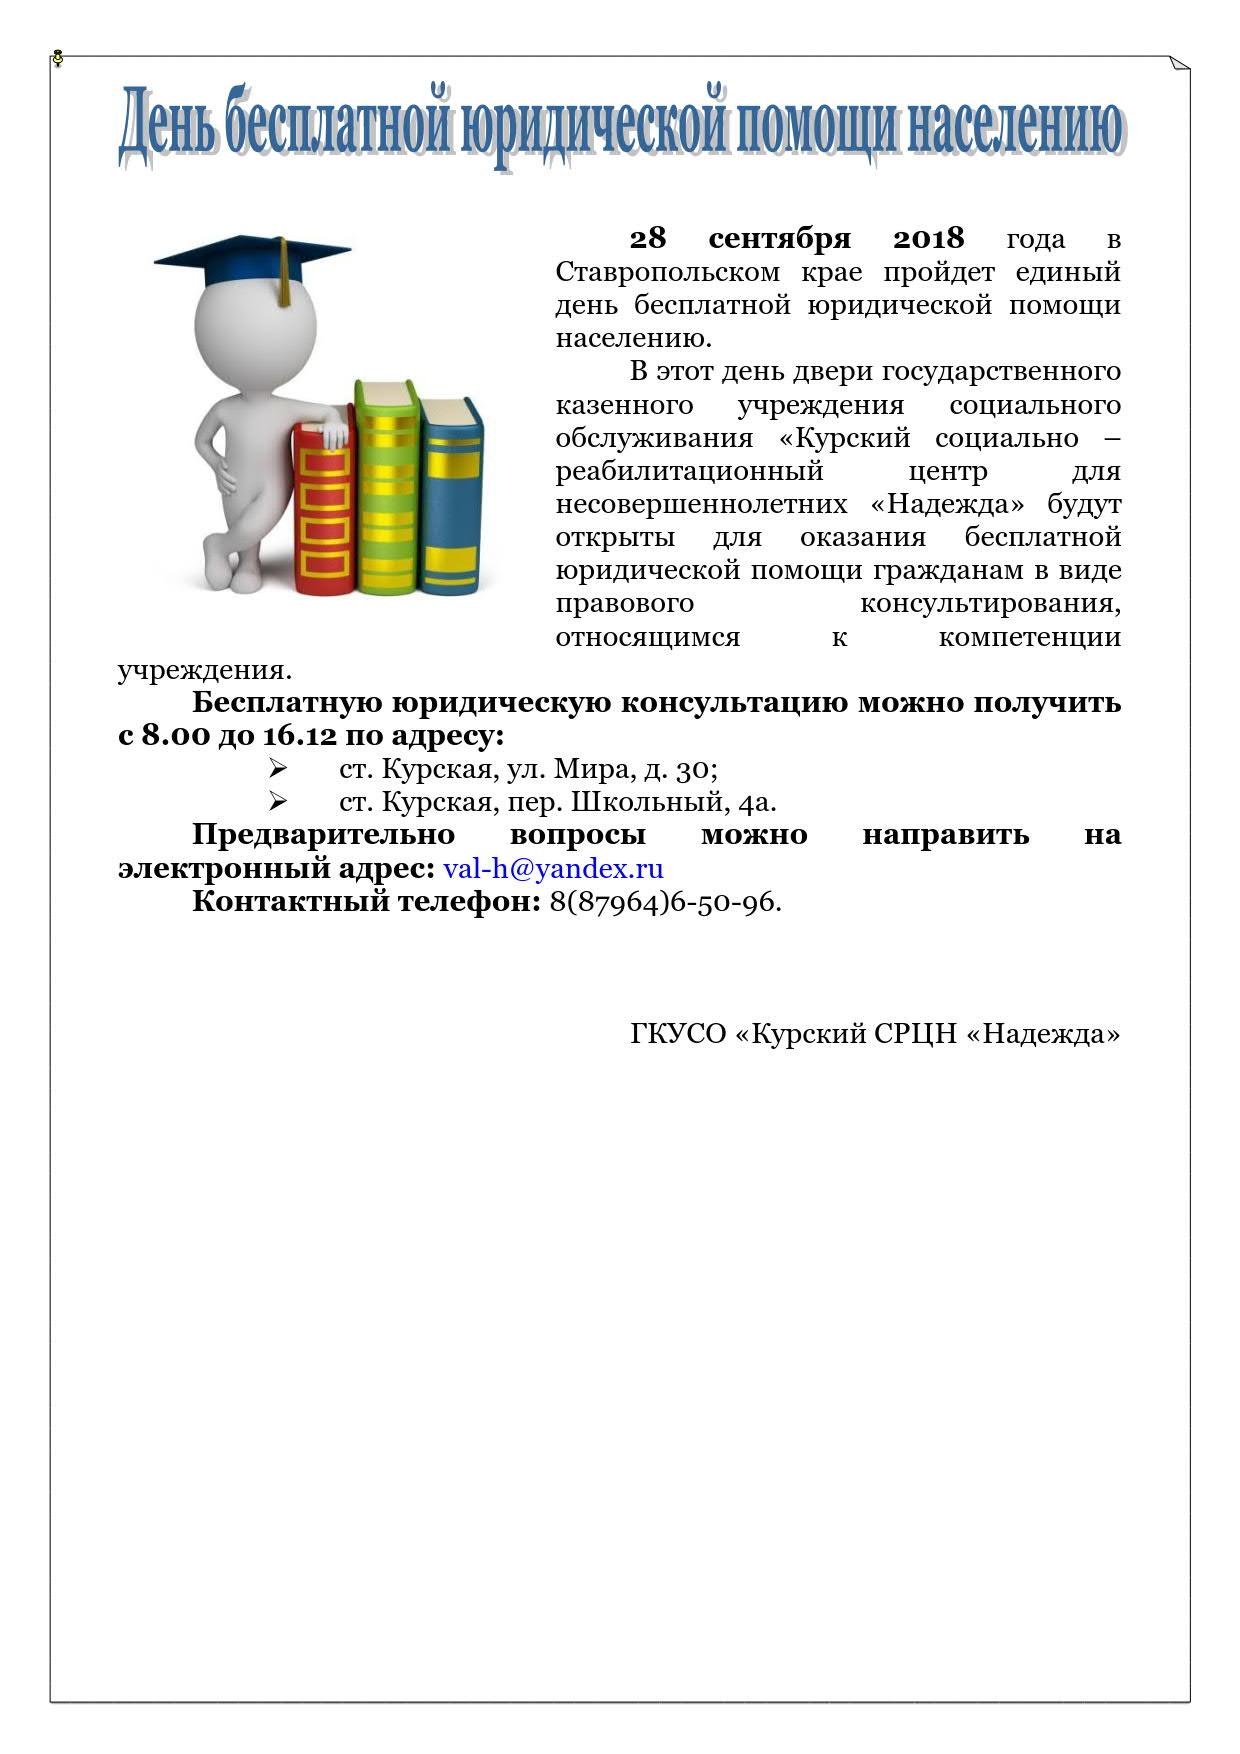 ОБЪЯВЛЕНИЕ день БЮП_1